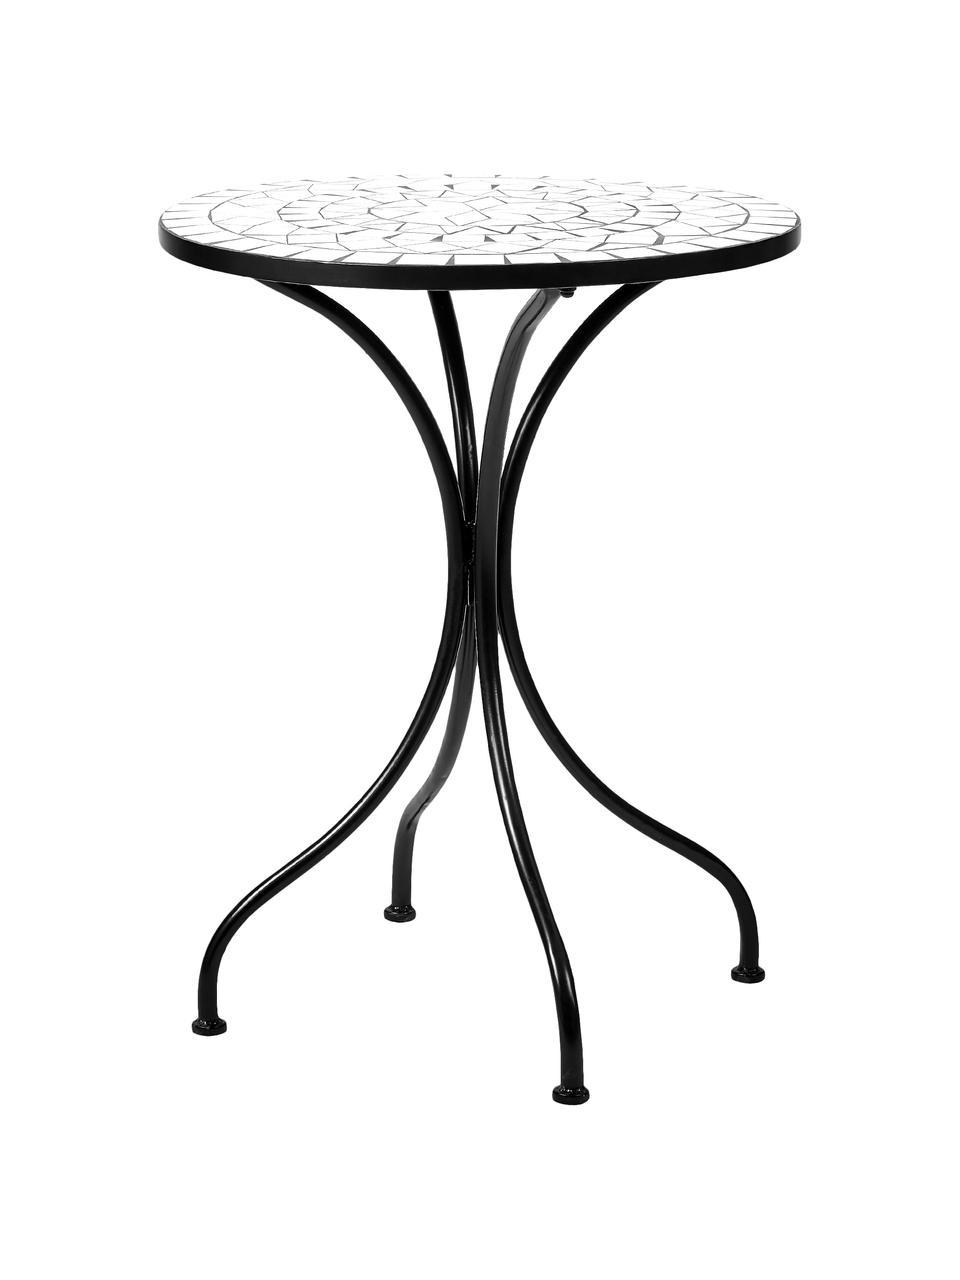 Gartentisch Palazzo mit Mosaik, Tischplatte: Keramik-Mosaiksteine, Beine: Metall, pulverbeschichtet, Weiß, Schwarz, Ø 55 x H 71 cm